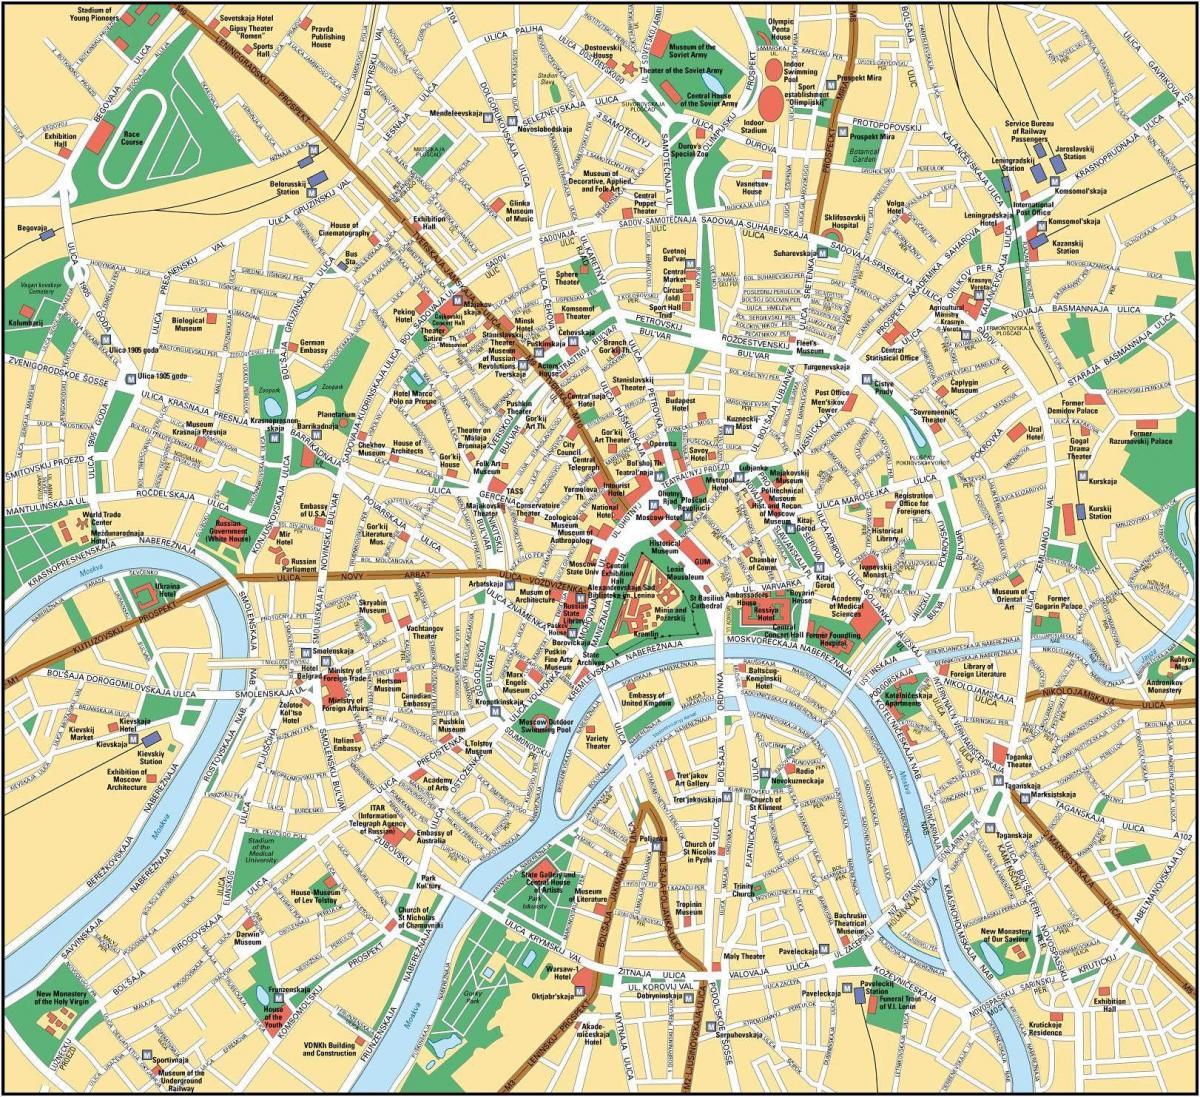 moskva karta Moskva karta på engelska   Karta över Moskva i engelska (Ryssland) moskva karta